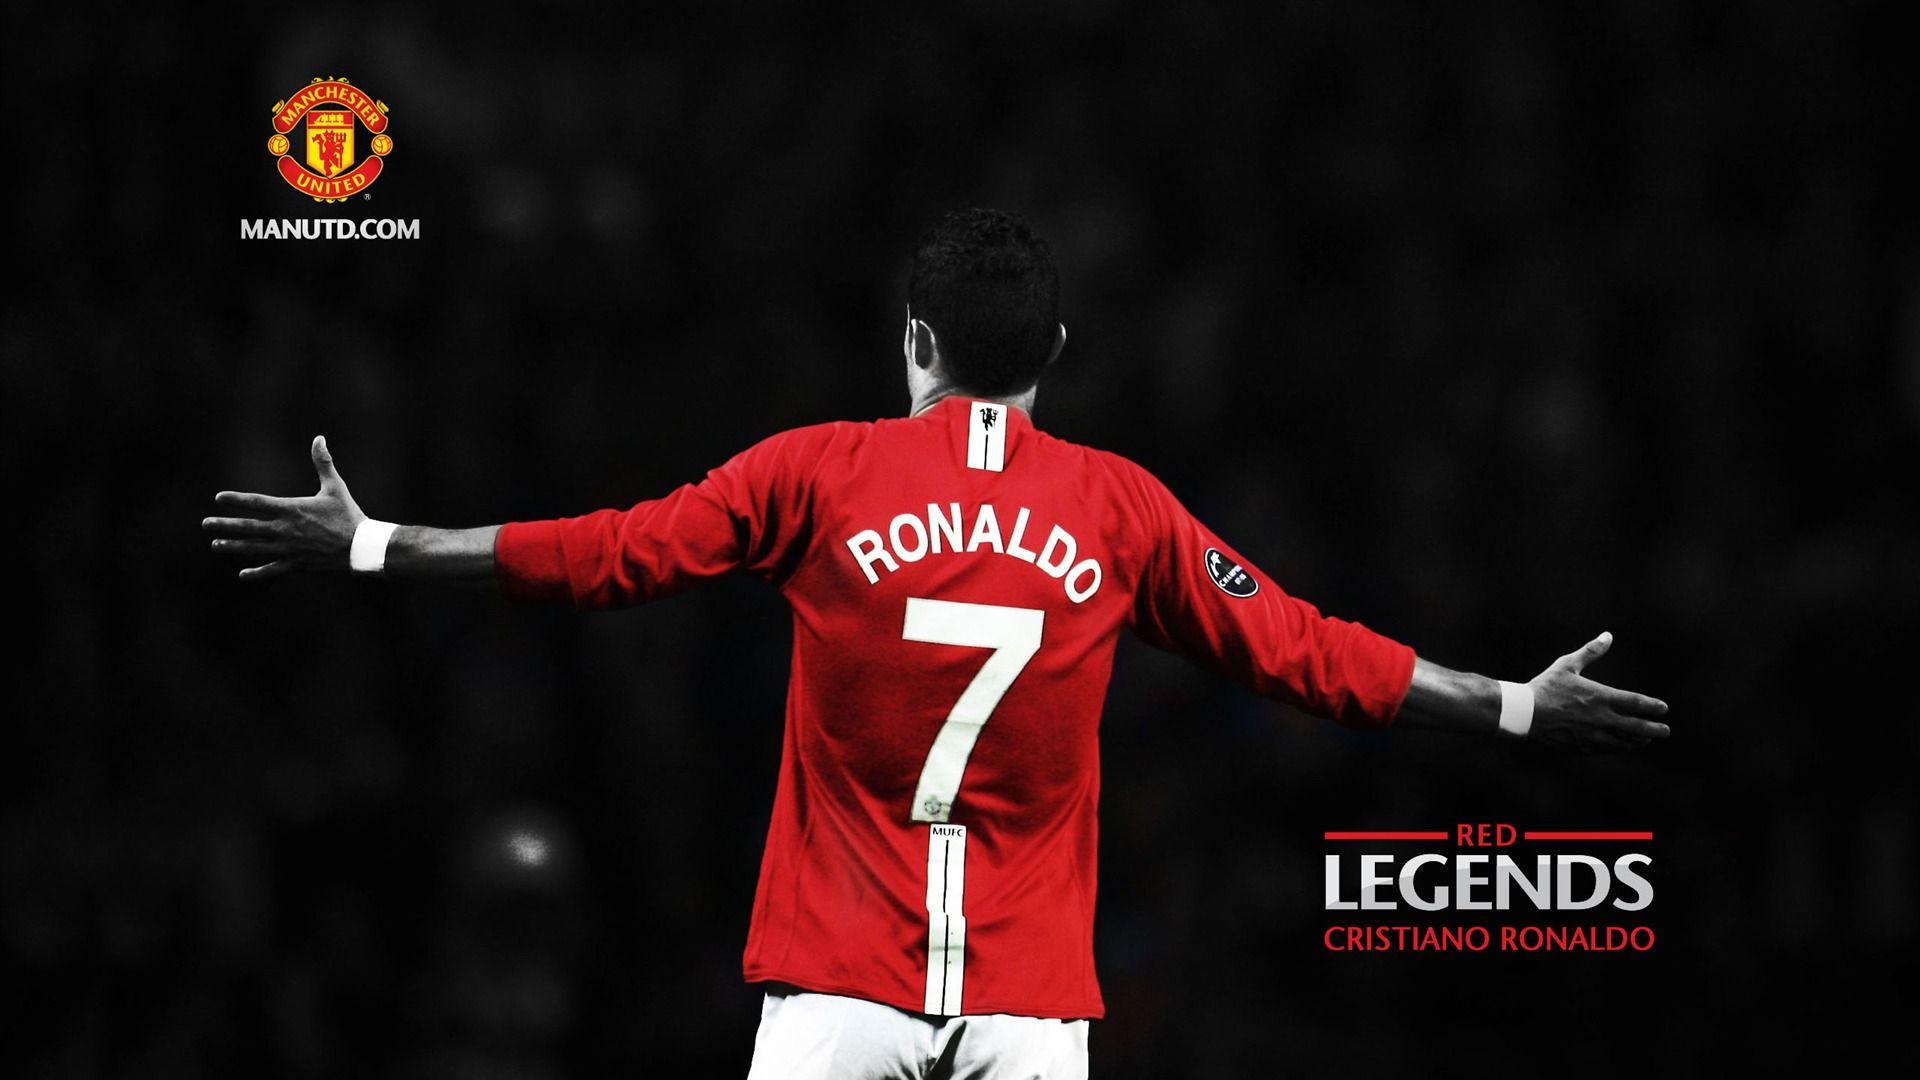 Cristiano Ronaldo Manchester United Hd Wallpaper Hd Wallpapers Manchester United Logo Cristiano Ronaldo Manchester Manchester United Wallpaper